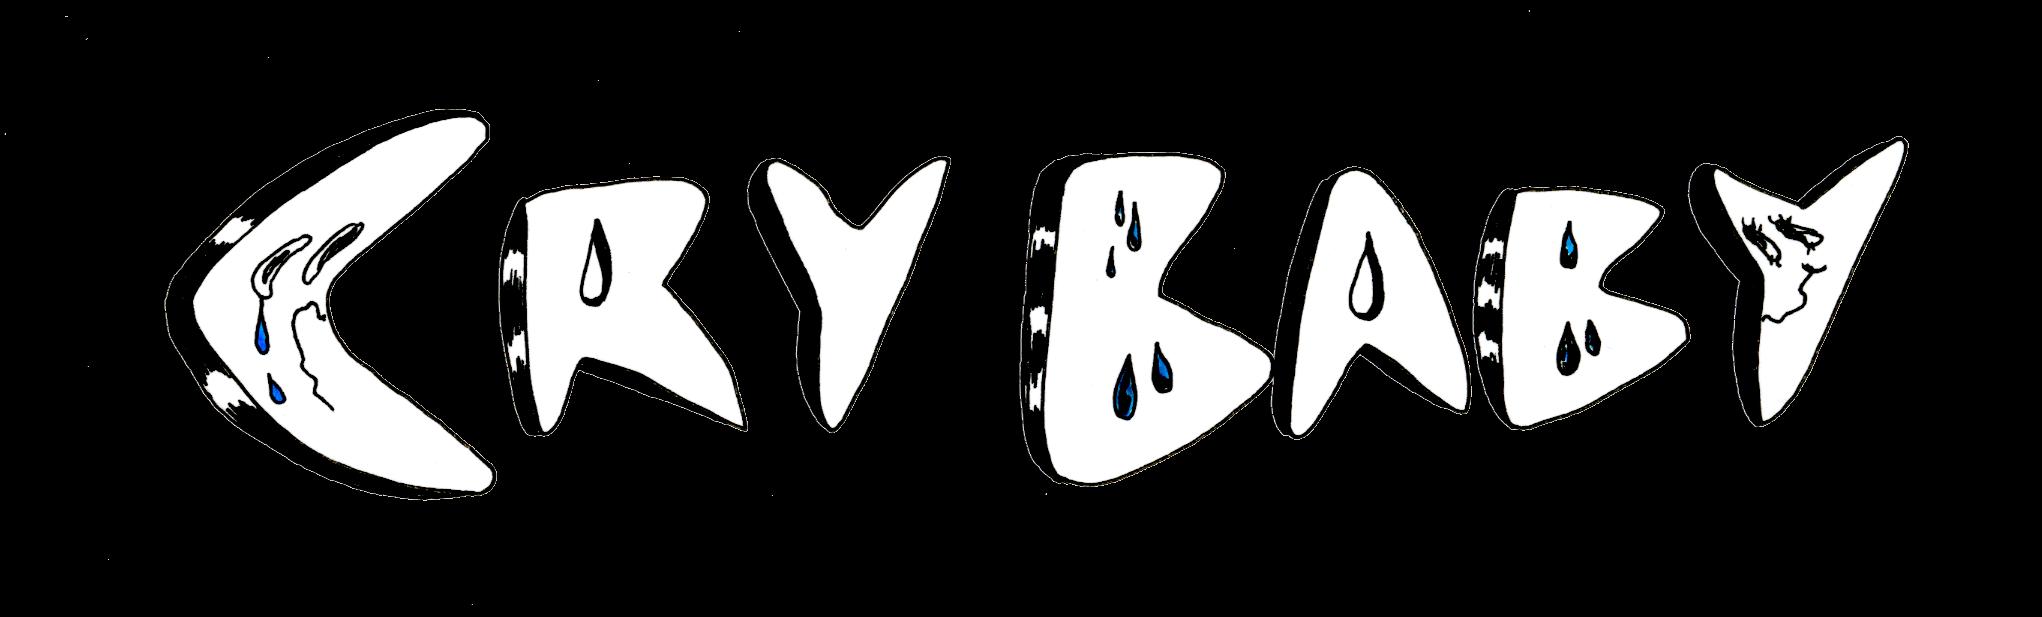 Crybaby Zine